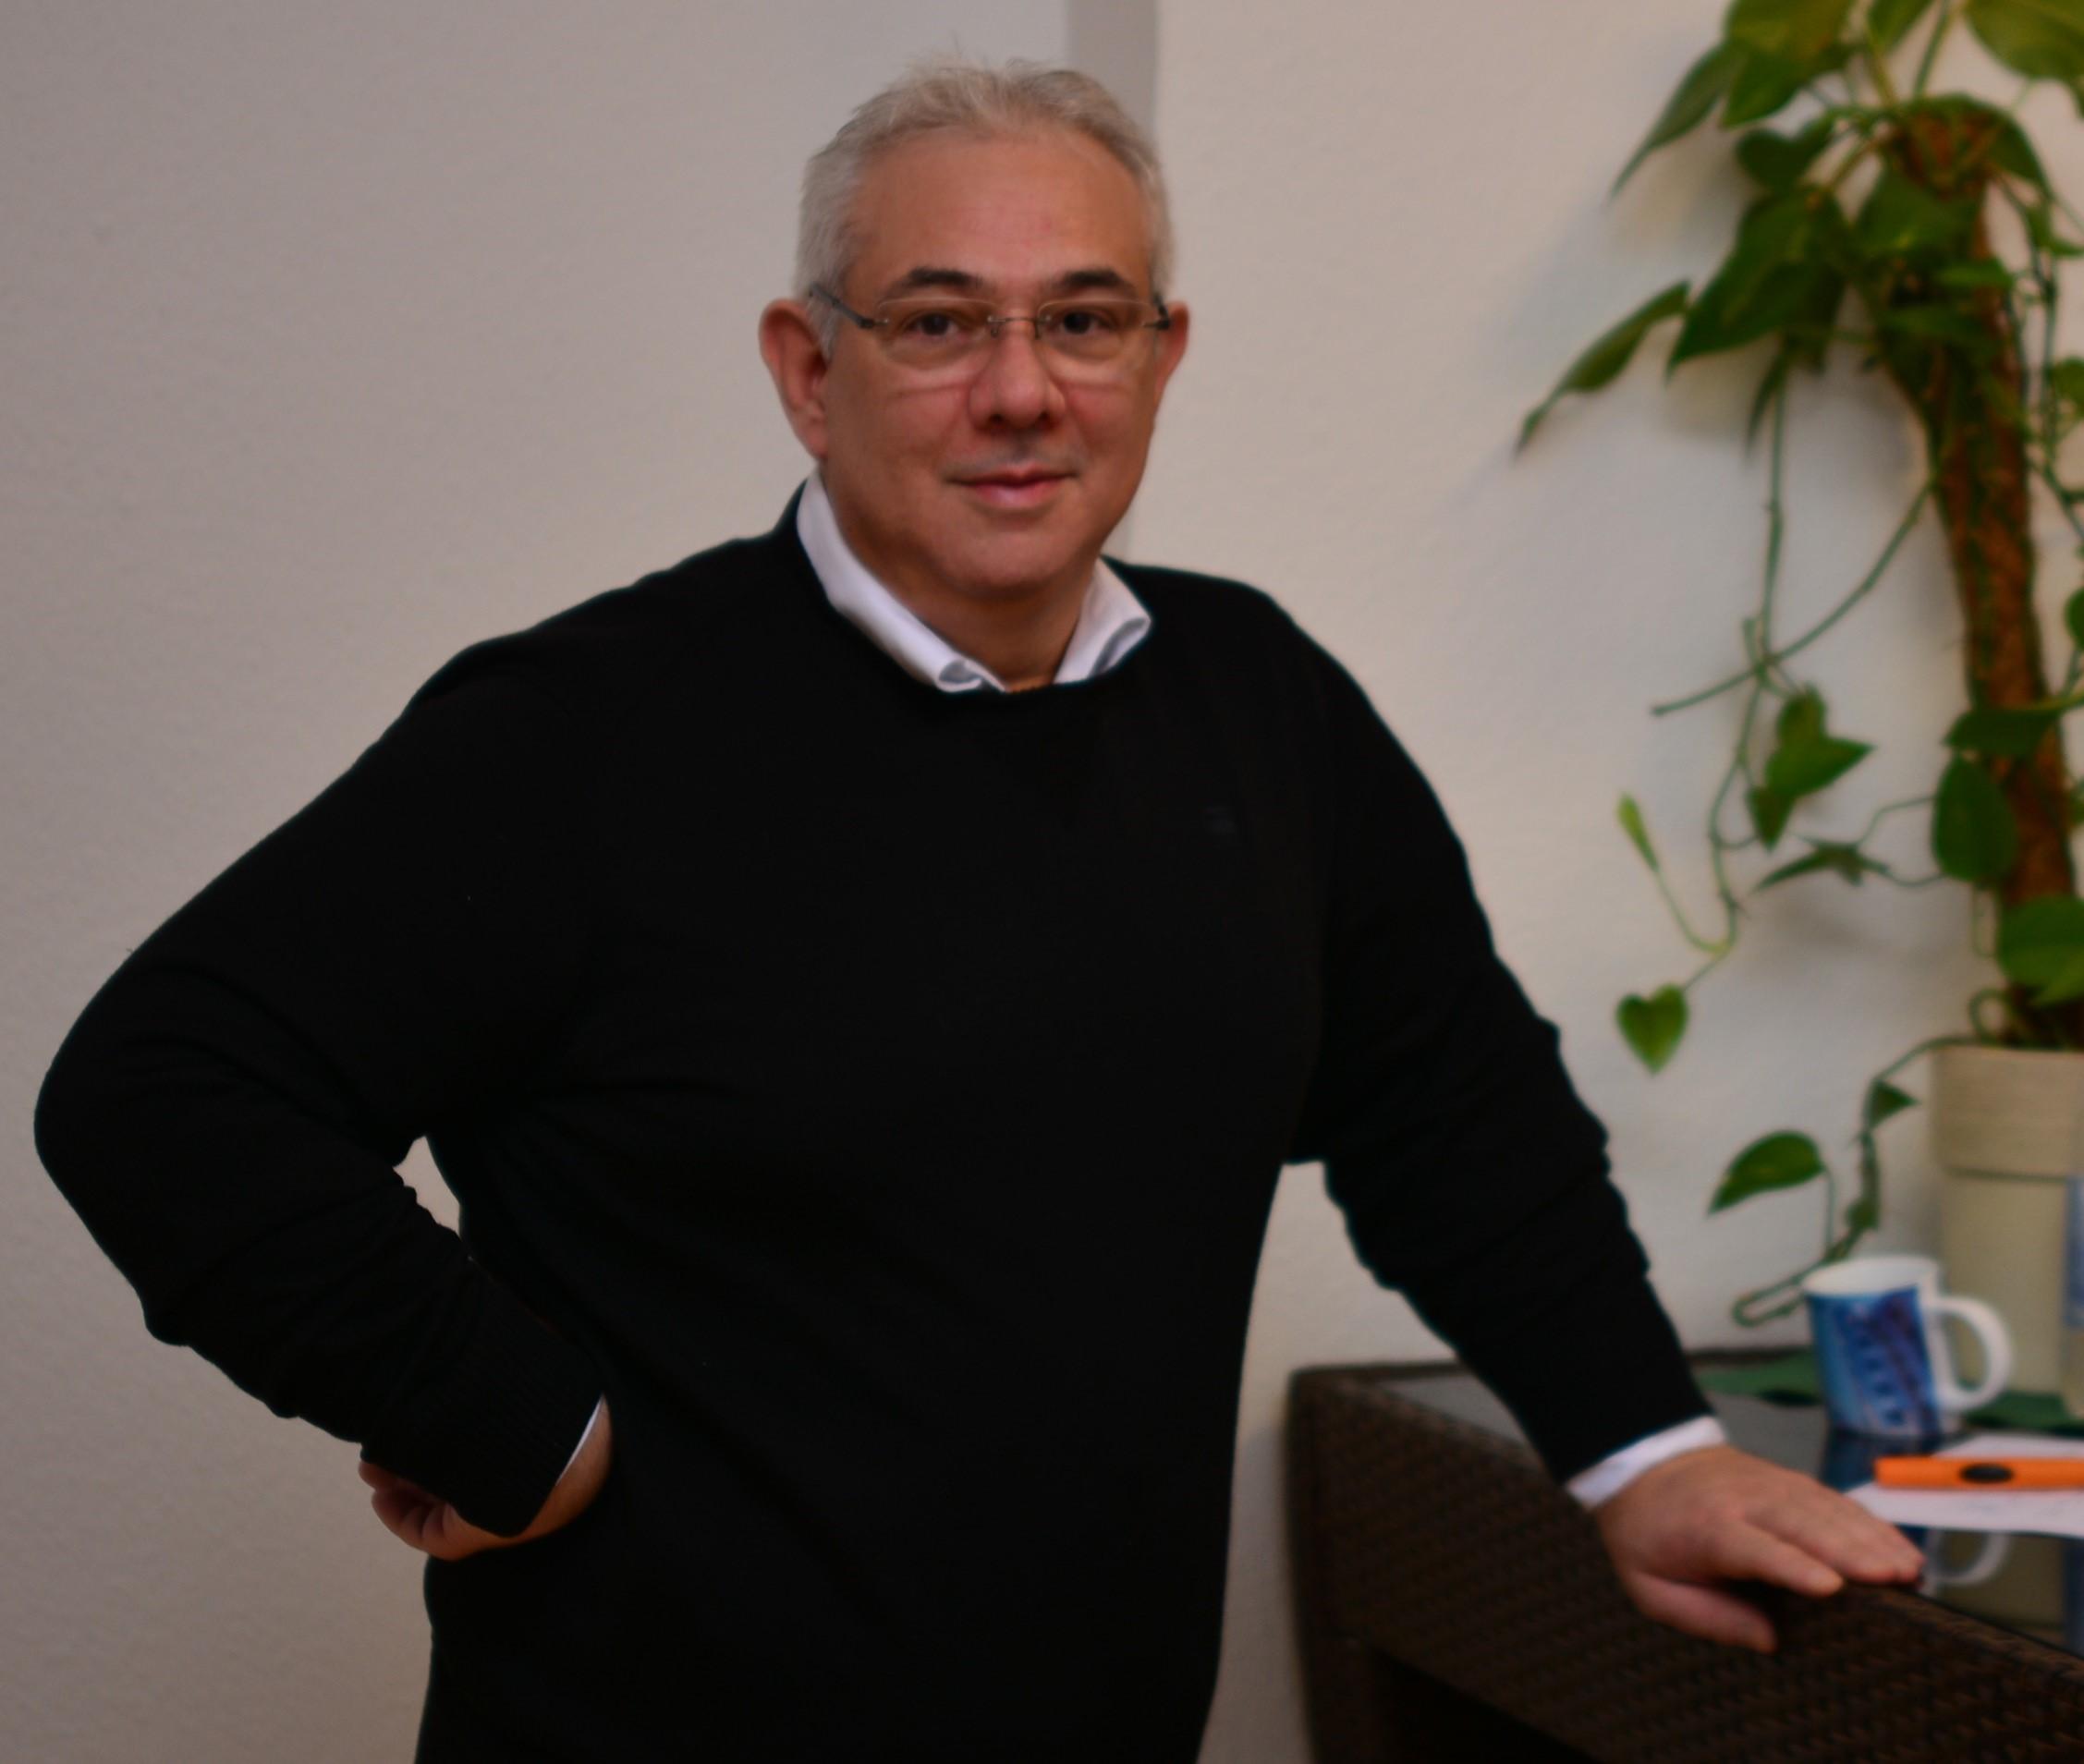 Thorsten Lugner